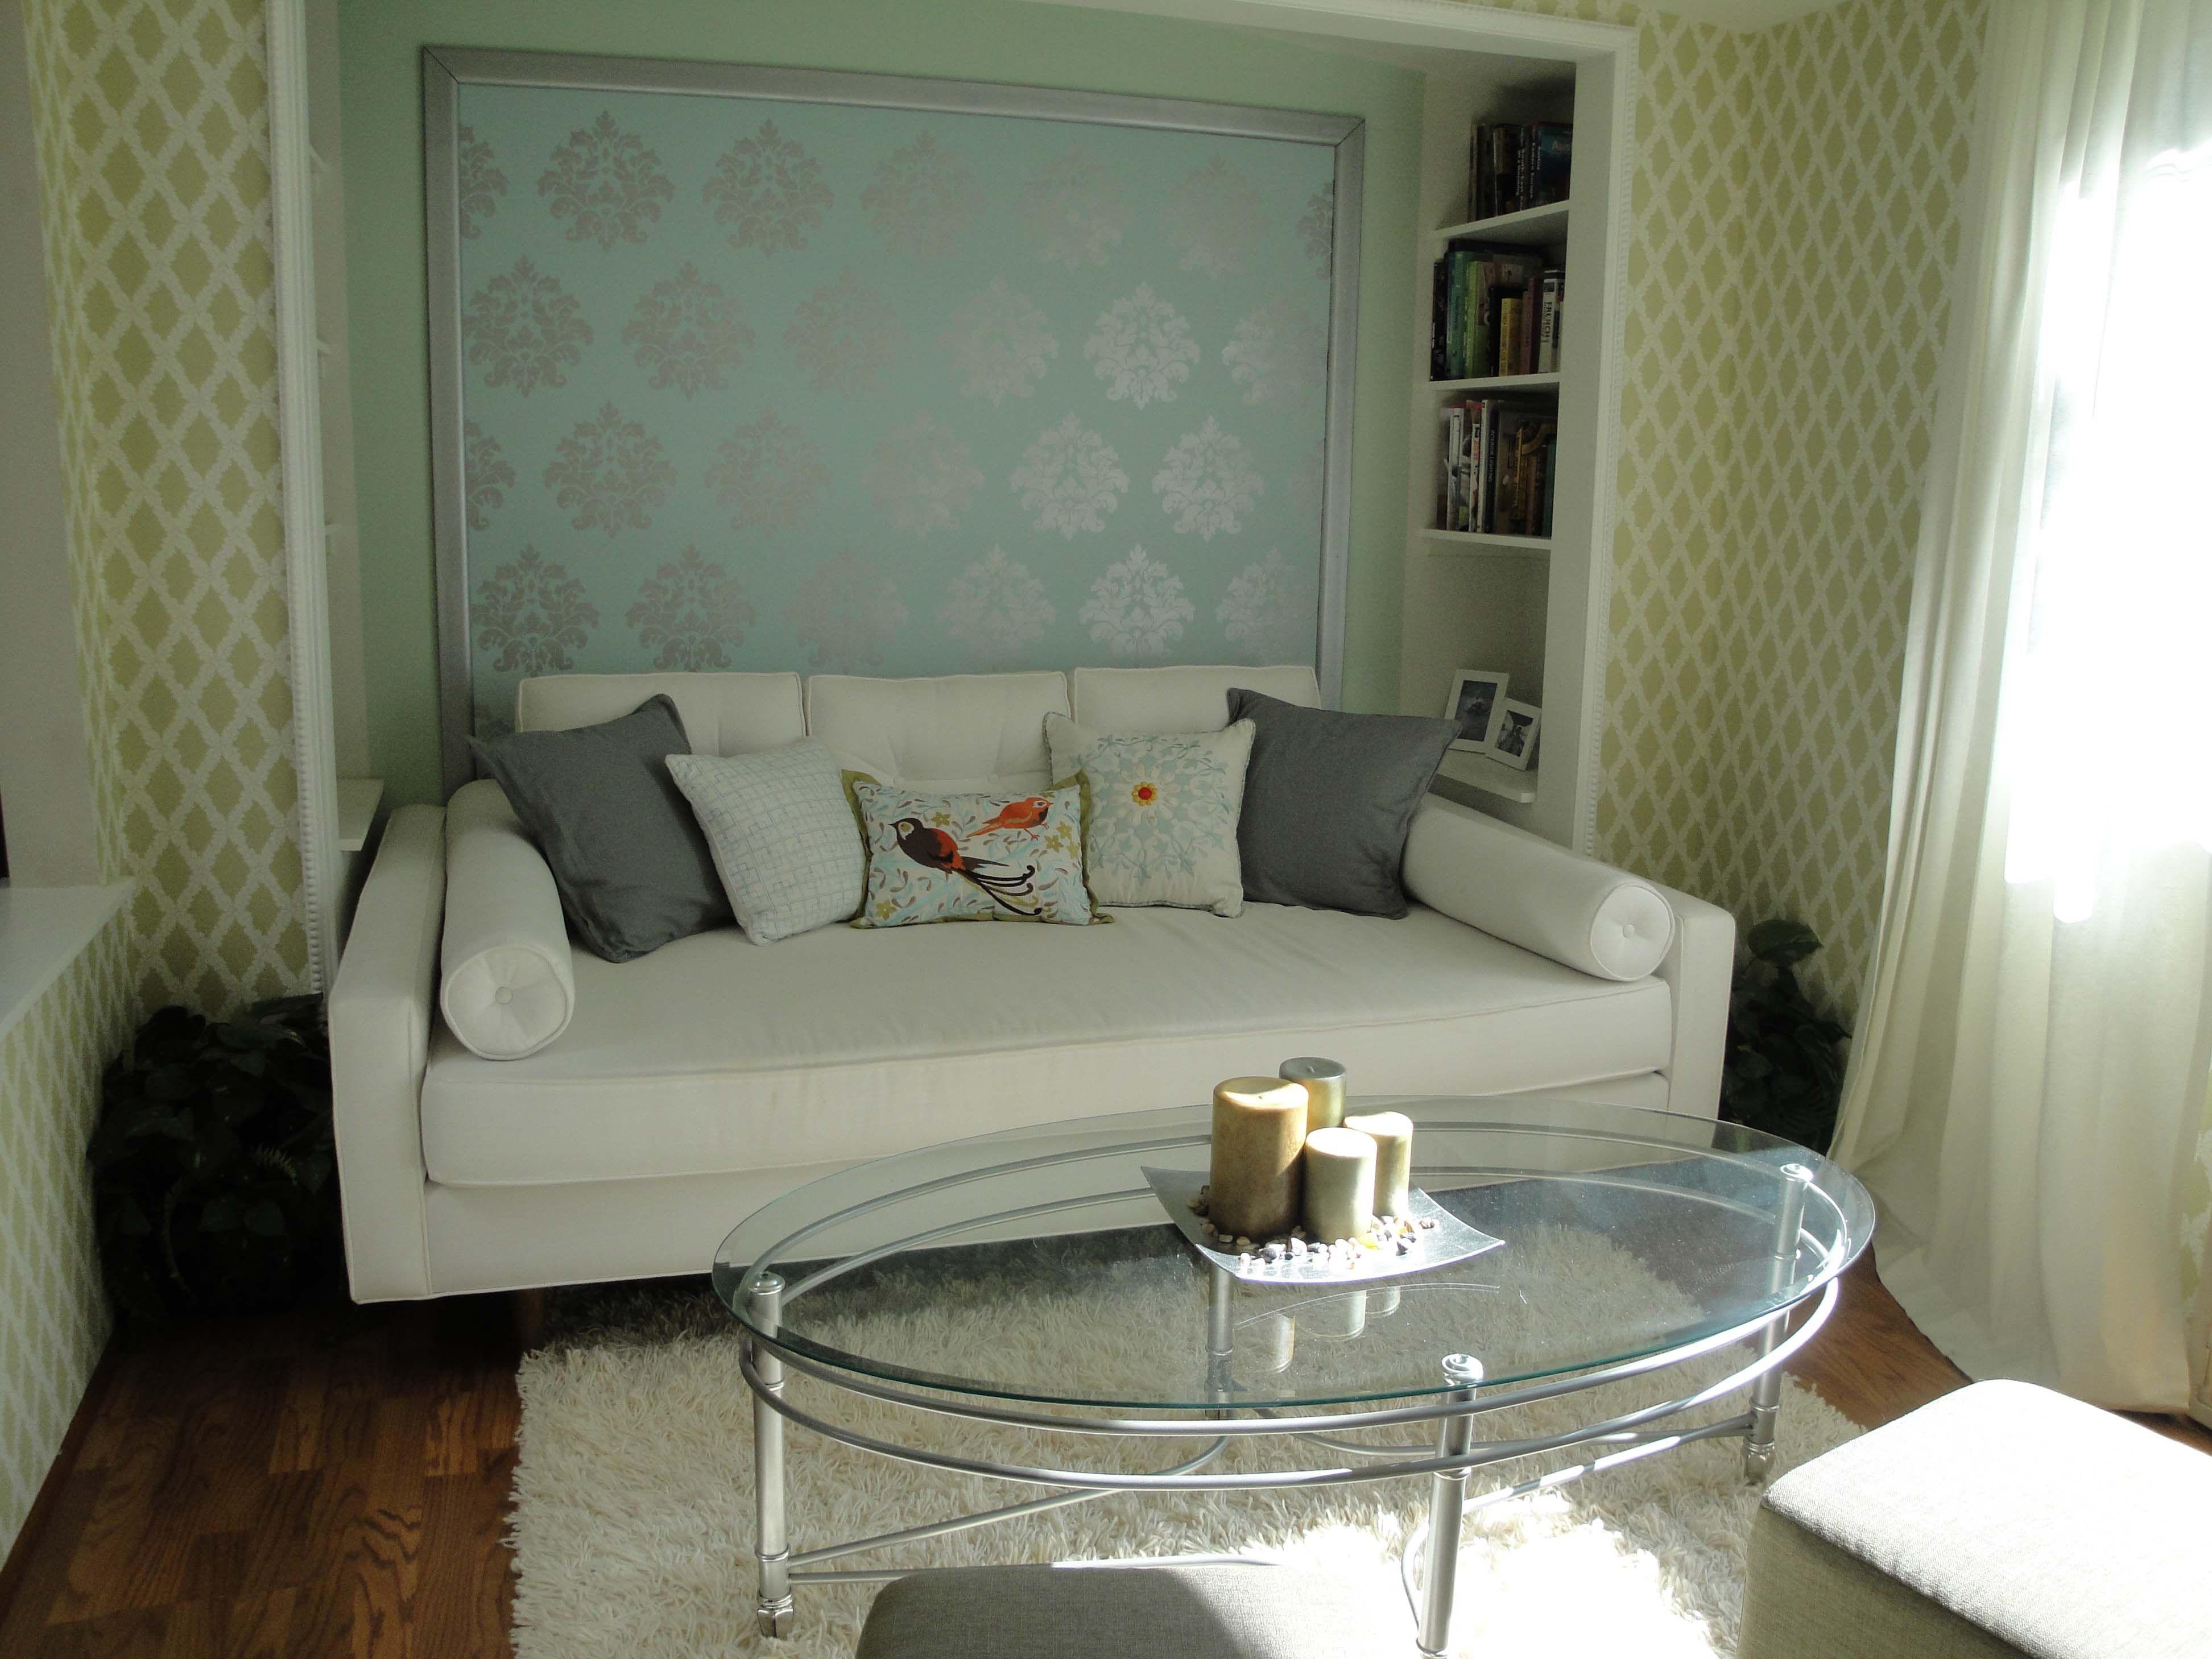 altra idea di divano incassato custom sofa home decor